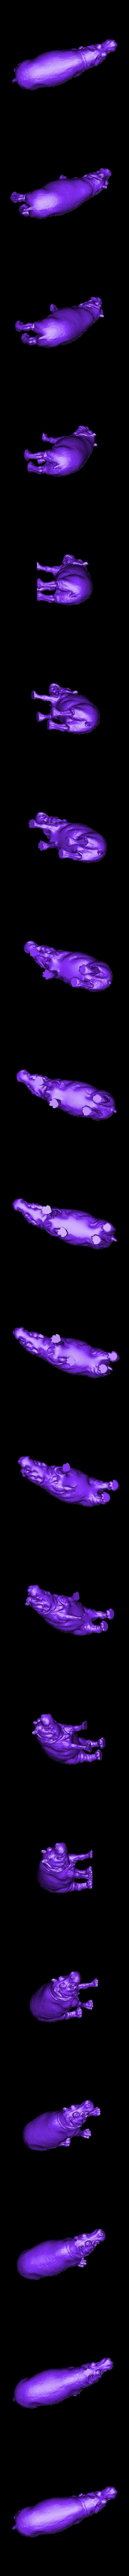 HippoEdited.stl Télécharger fichier STL gratuit Hippo • Modèle pour impression 3D, sjpiper145